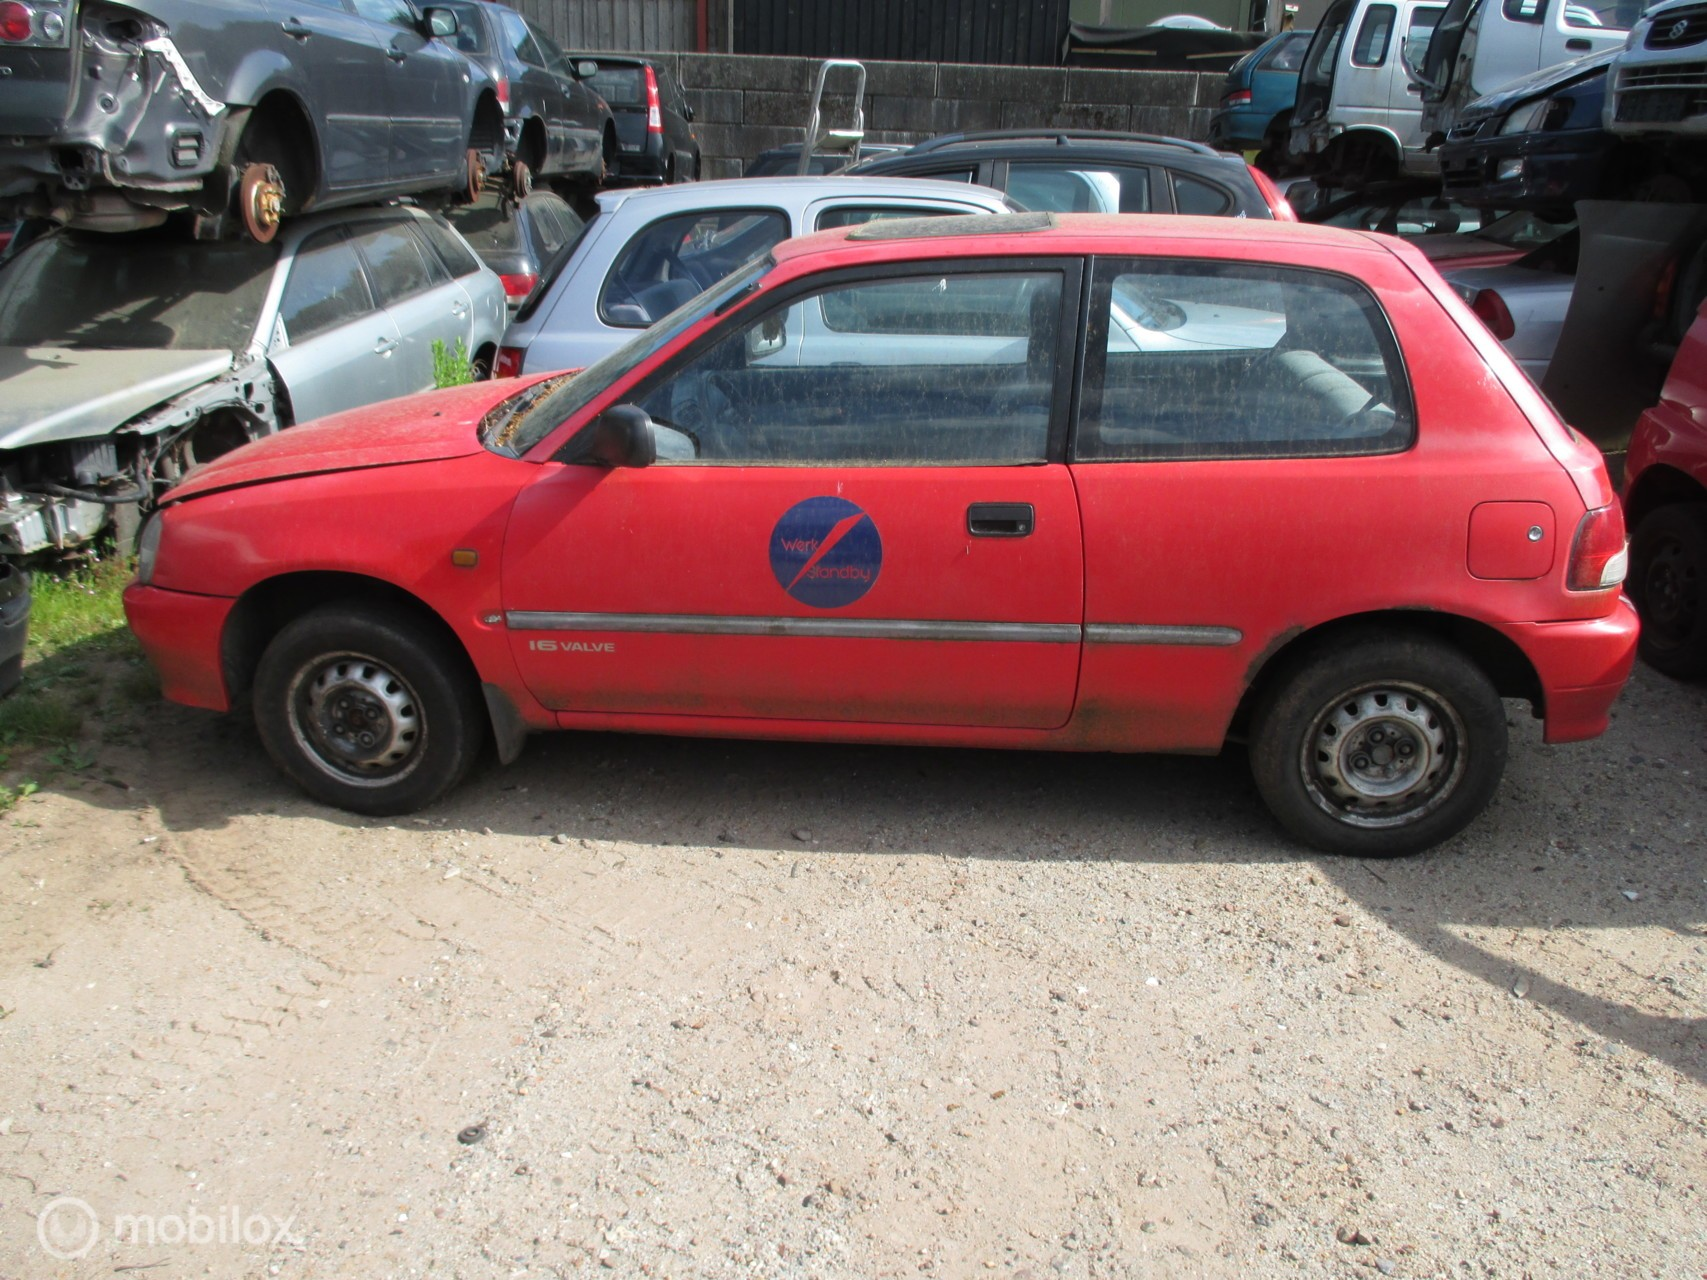 Onderdelen Daihatsu Charade 1.3i TS G200 1997